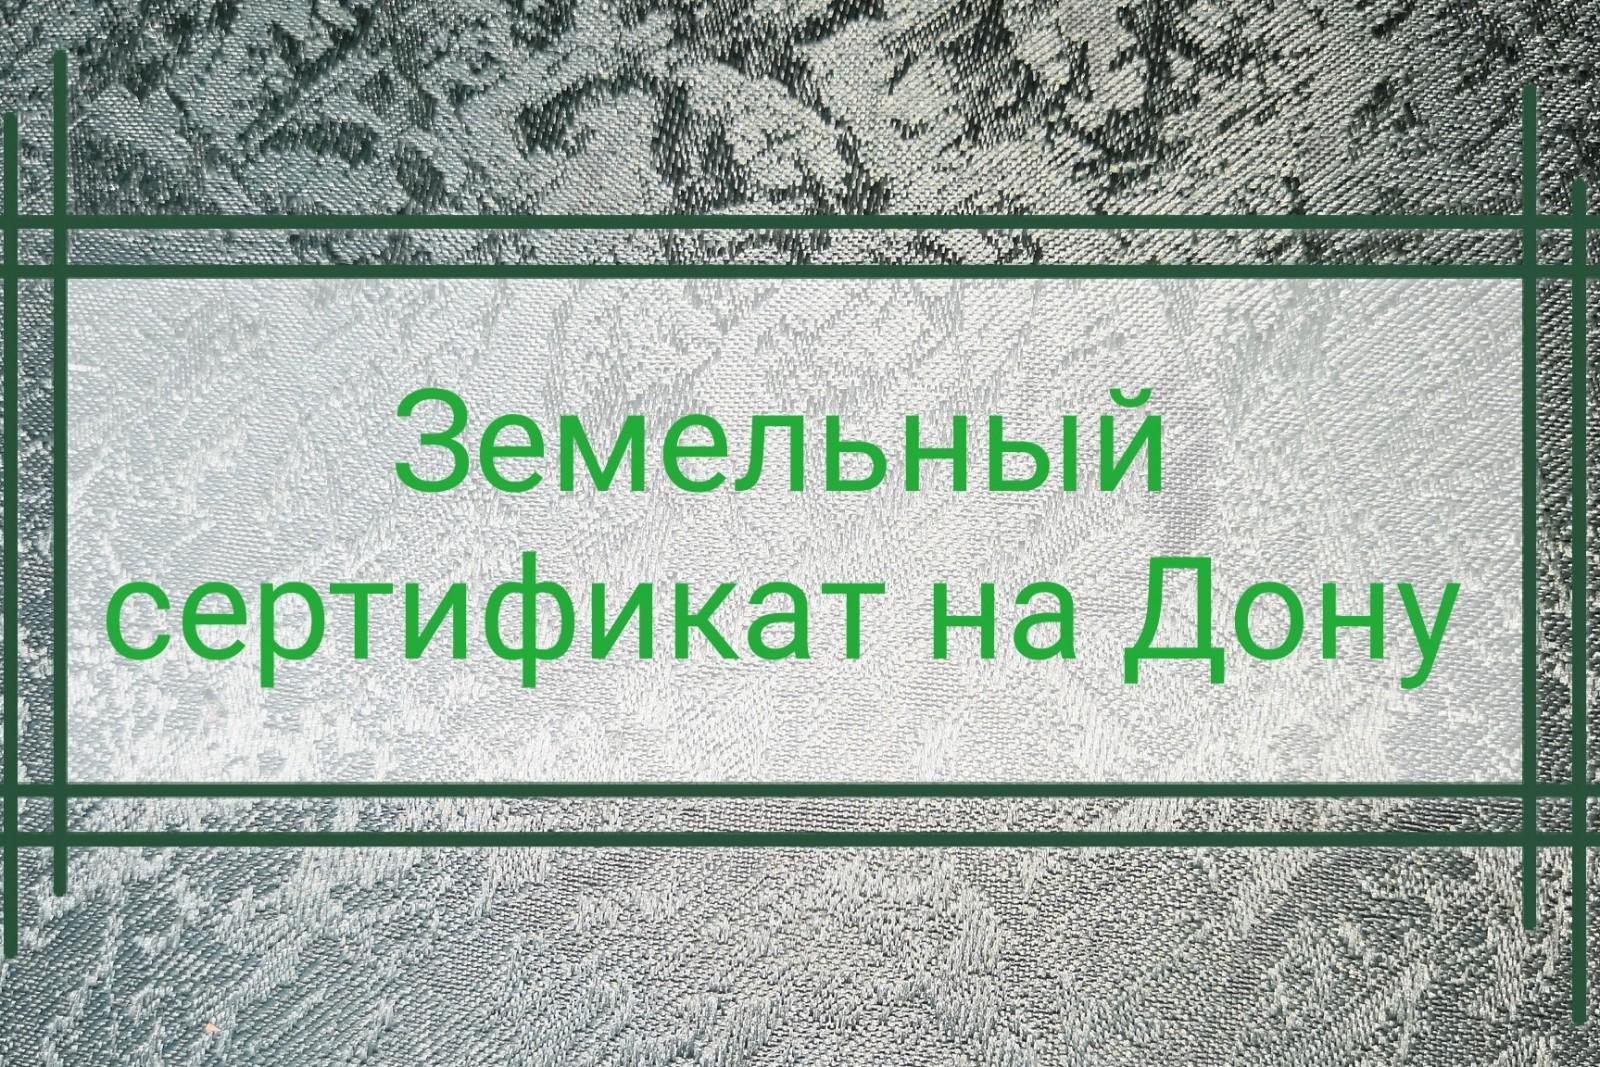 На Дону стоимость земельного сертификата для многодетных семей  установлена выше среднероссийской